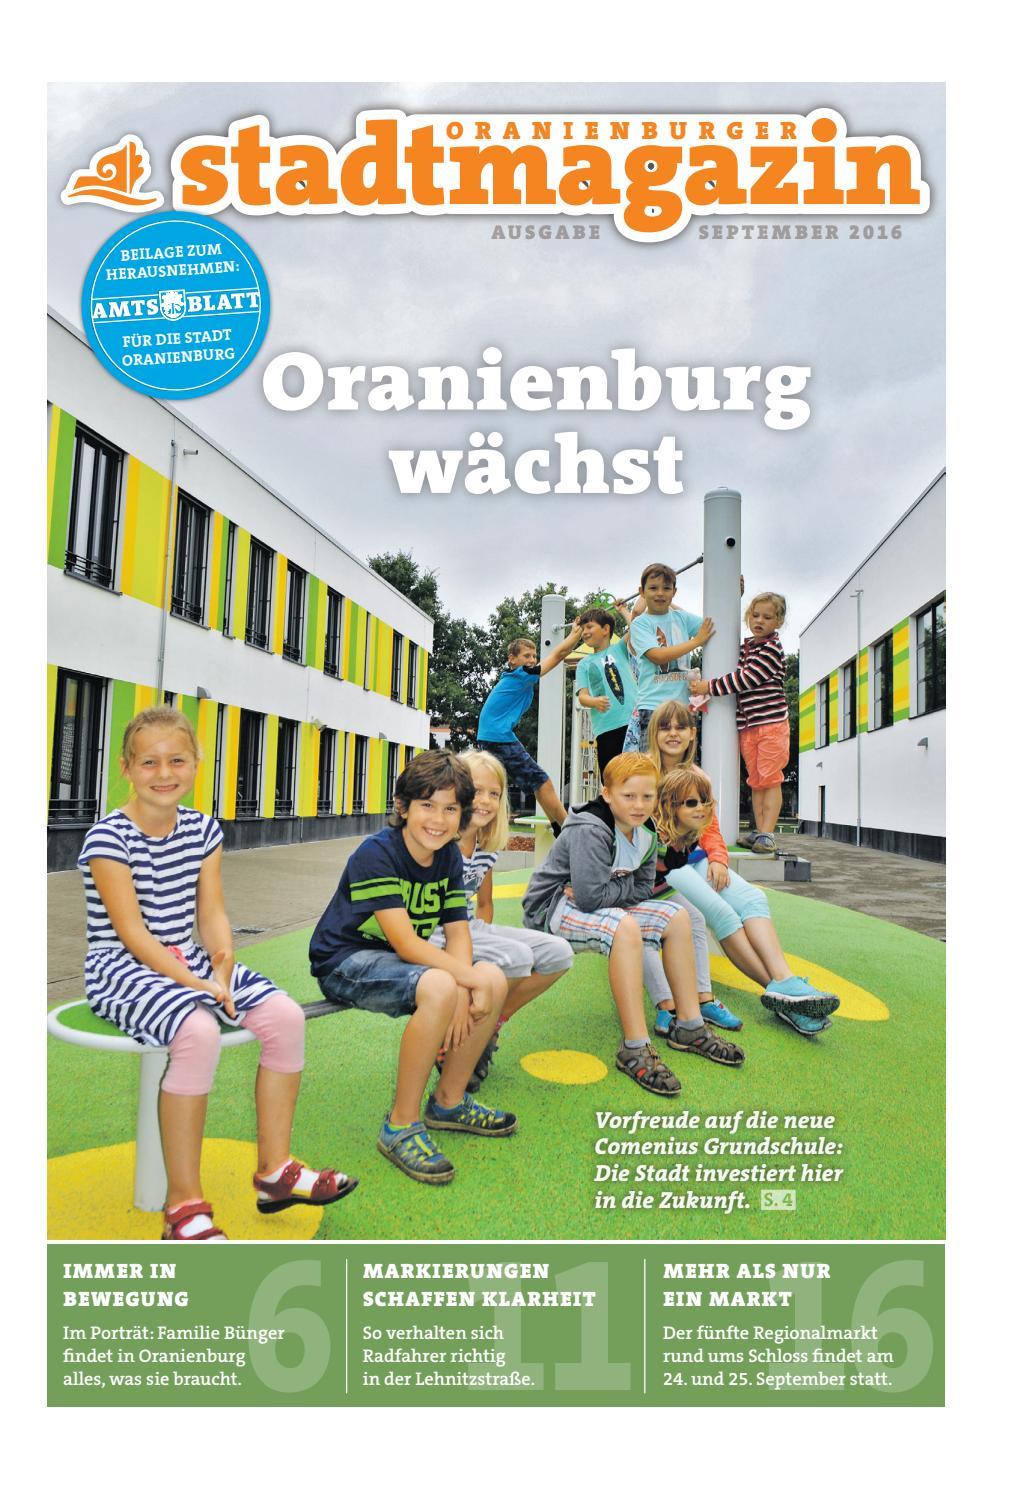 Oranienburger Stadtmagazin (September 2016) By Stadt Oranienburg - Issuu